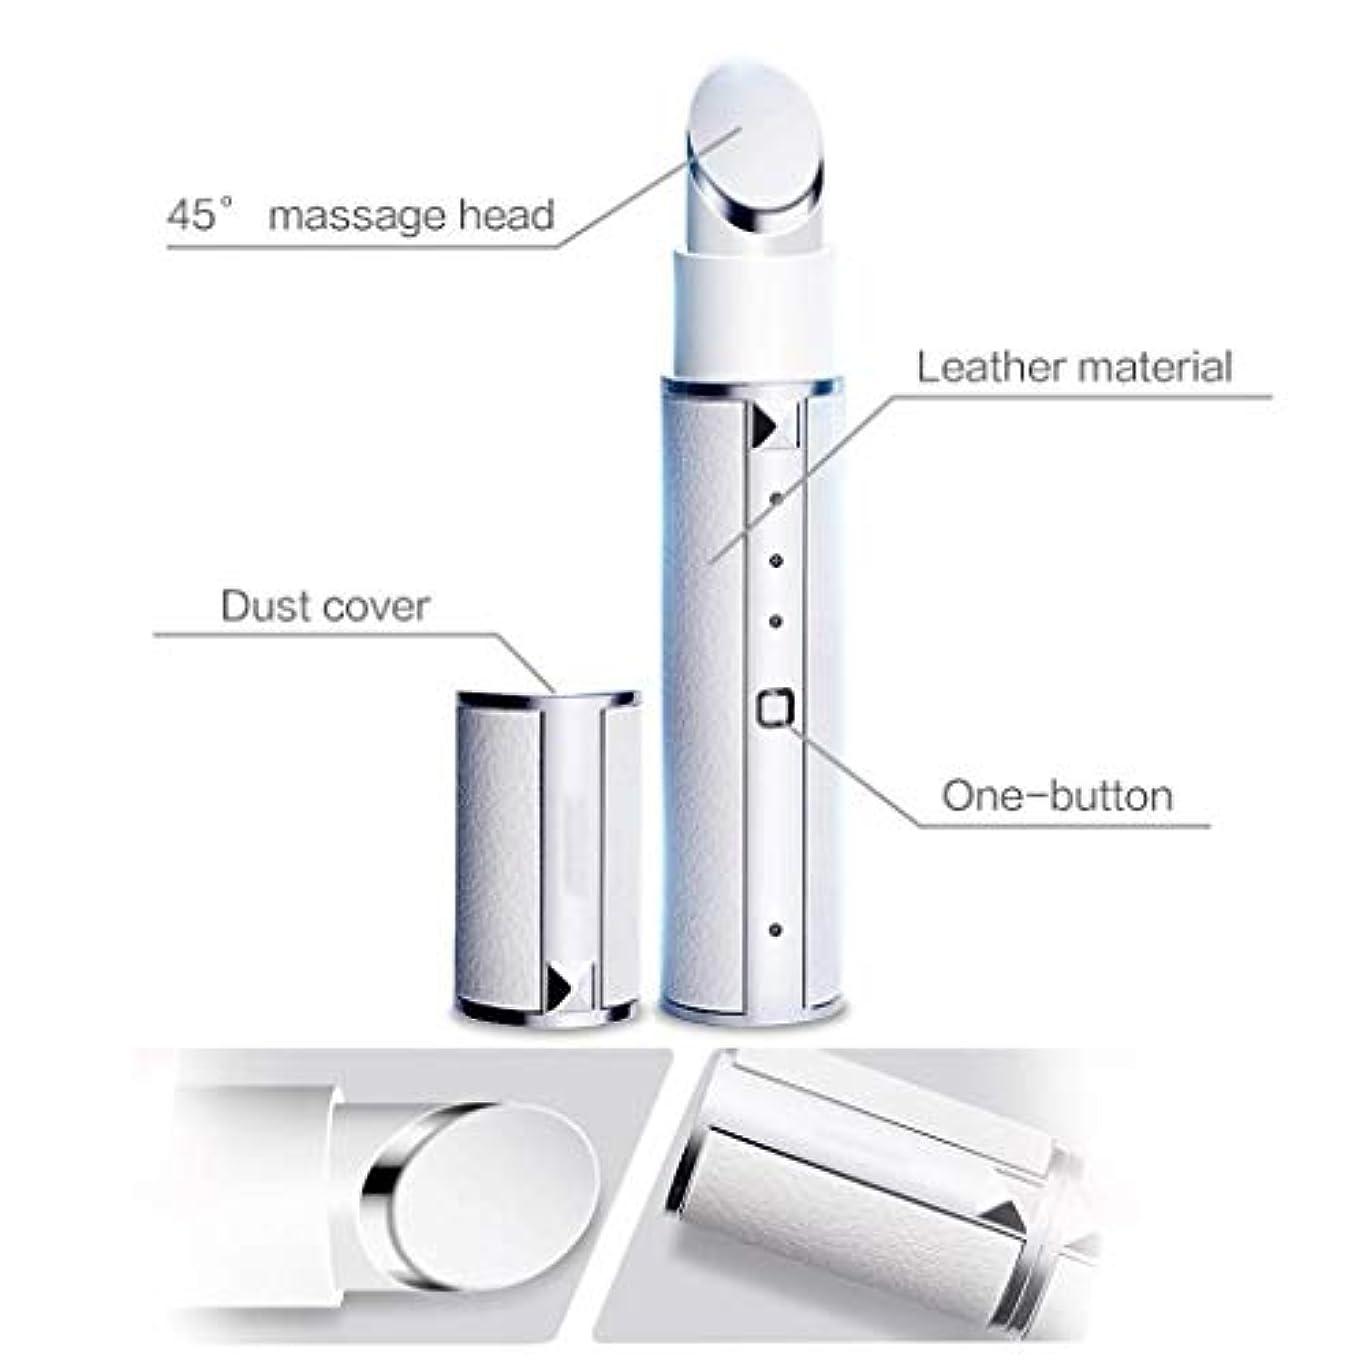 刻む避難ただマッサージャー、42℃恒温電気アイマッサージケアデバイス、顔の健康と美容ツール、顔に適して、額、首のリフト、しっかりした肌、しわを減らす、持ち運びが簡単